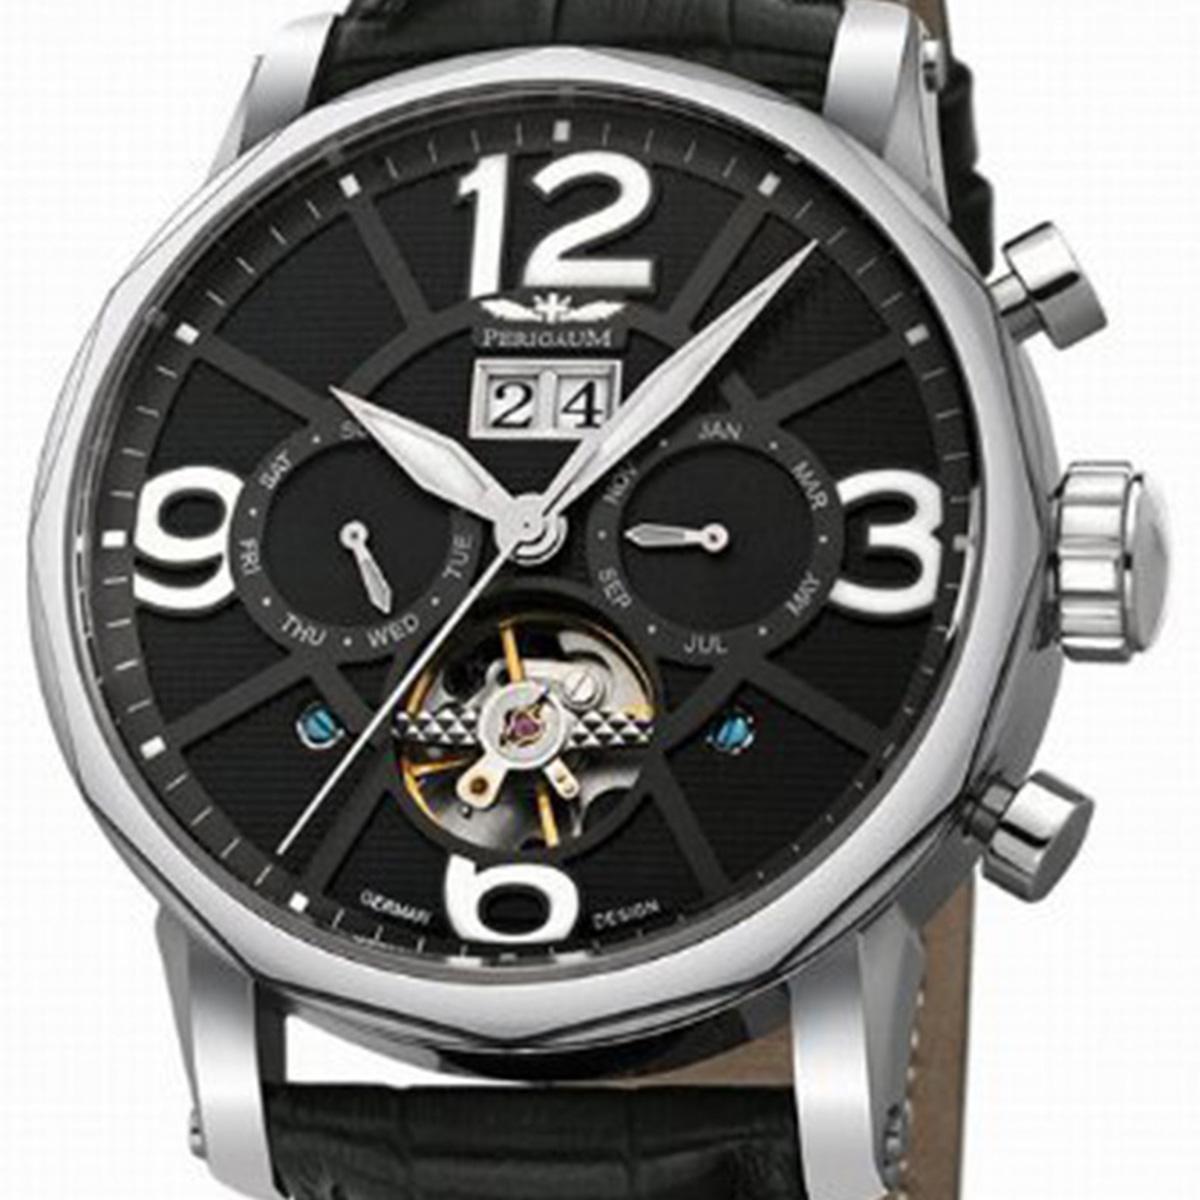 【残り1点】Perigaum ぺリガウム 自動巻き 腕時計 メンズ ウォッチ ドイツ [P-1111-AS-S-Sle] 並行輸入品